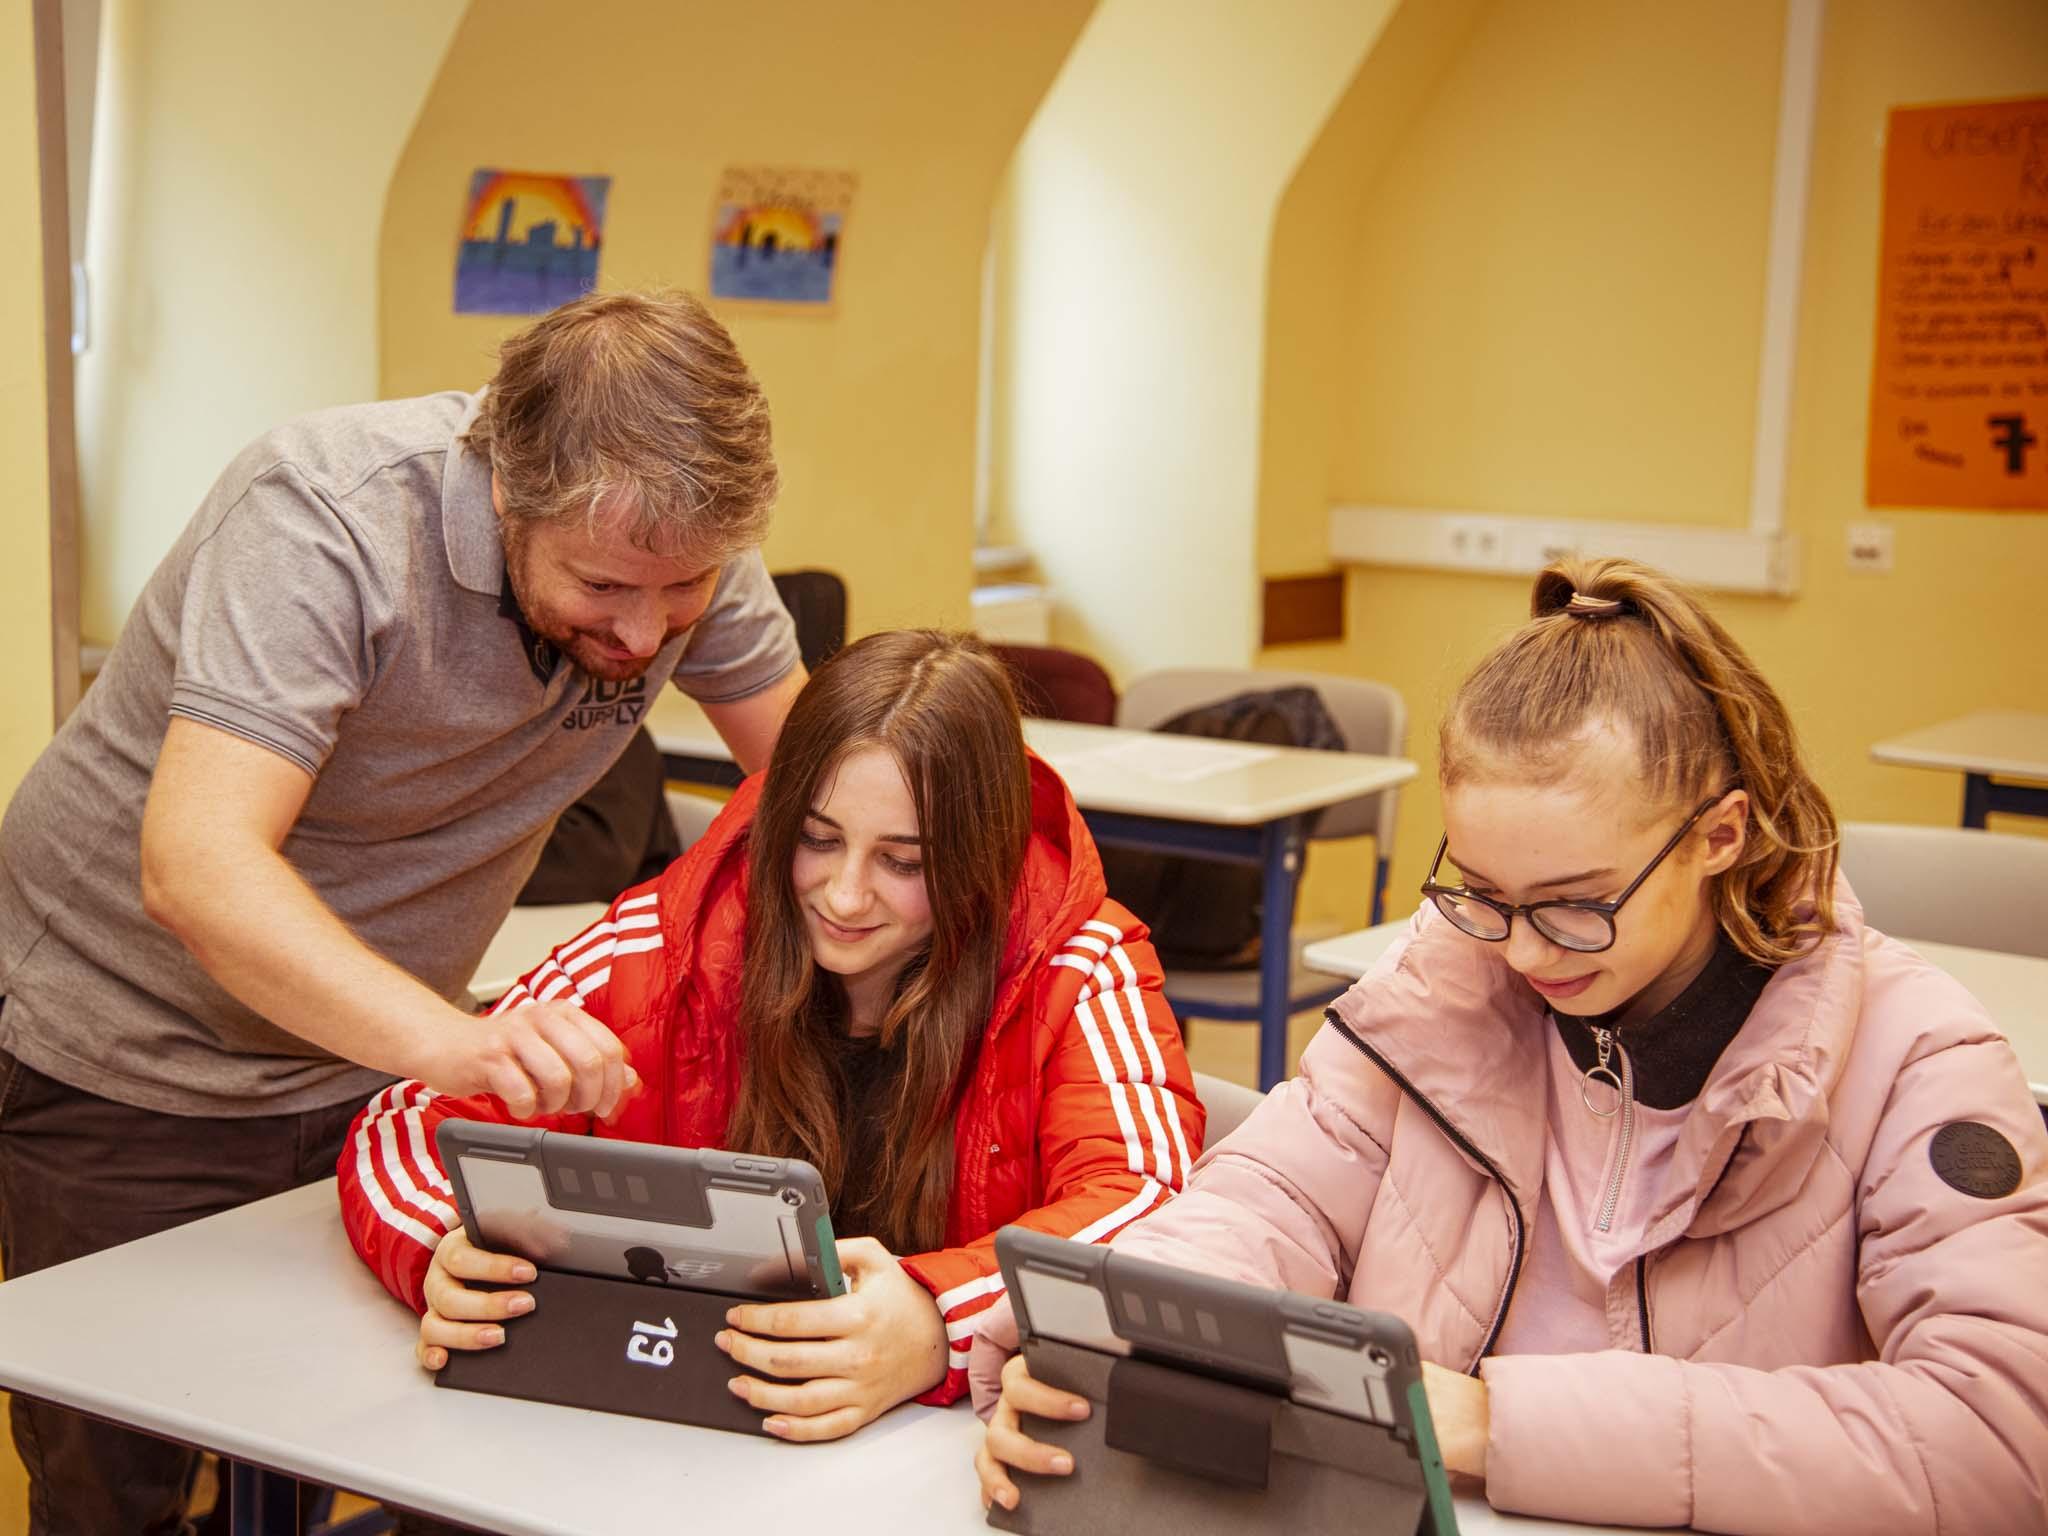 Durch den praxisnahe Lehrplan in der Wirtschaftsschule werden die Schüler schon früh auf den späteren betrieblichen Alltag vorbereitet. Foto: Dominik Ziegler